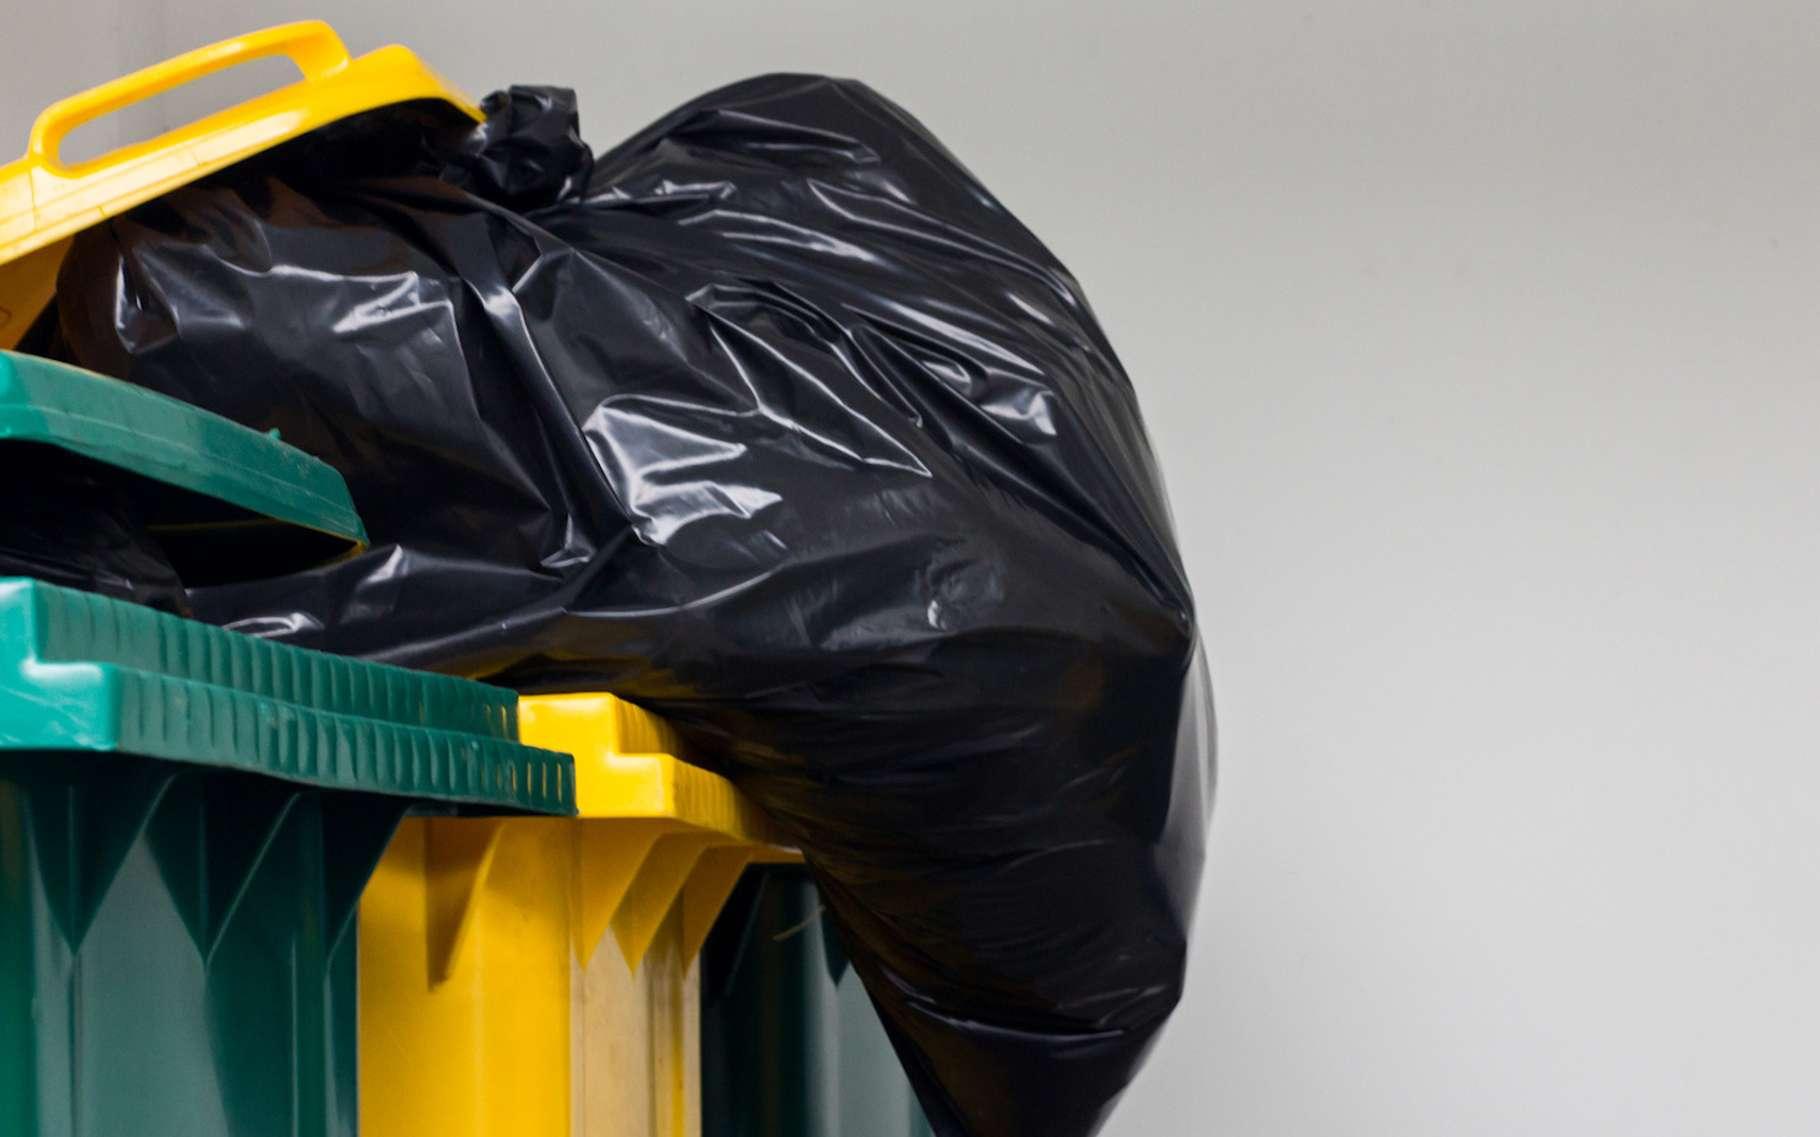 Le terme déchet ménager regroupe tous les déchets que nous produisons au quotidien, qu'ils soient recyclables, valorisables ou non. © worawut17, Fotolia